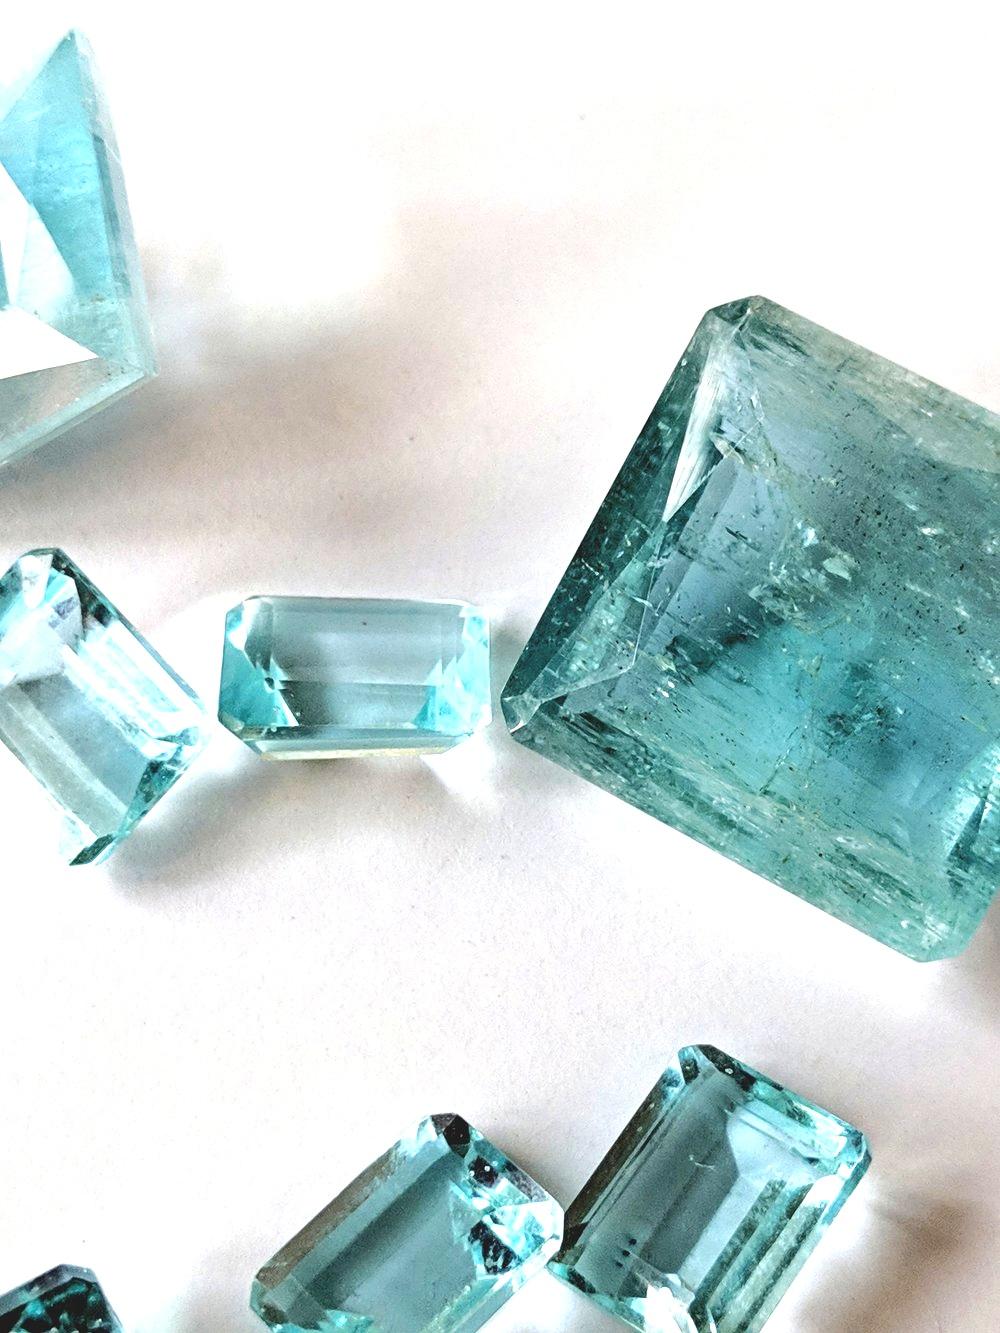 Aquamarine+stones+a.jpg